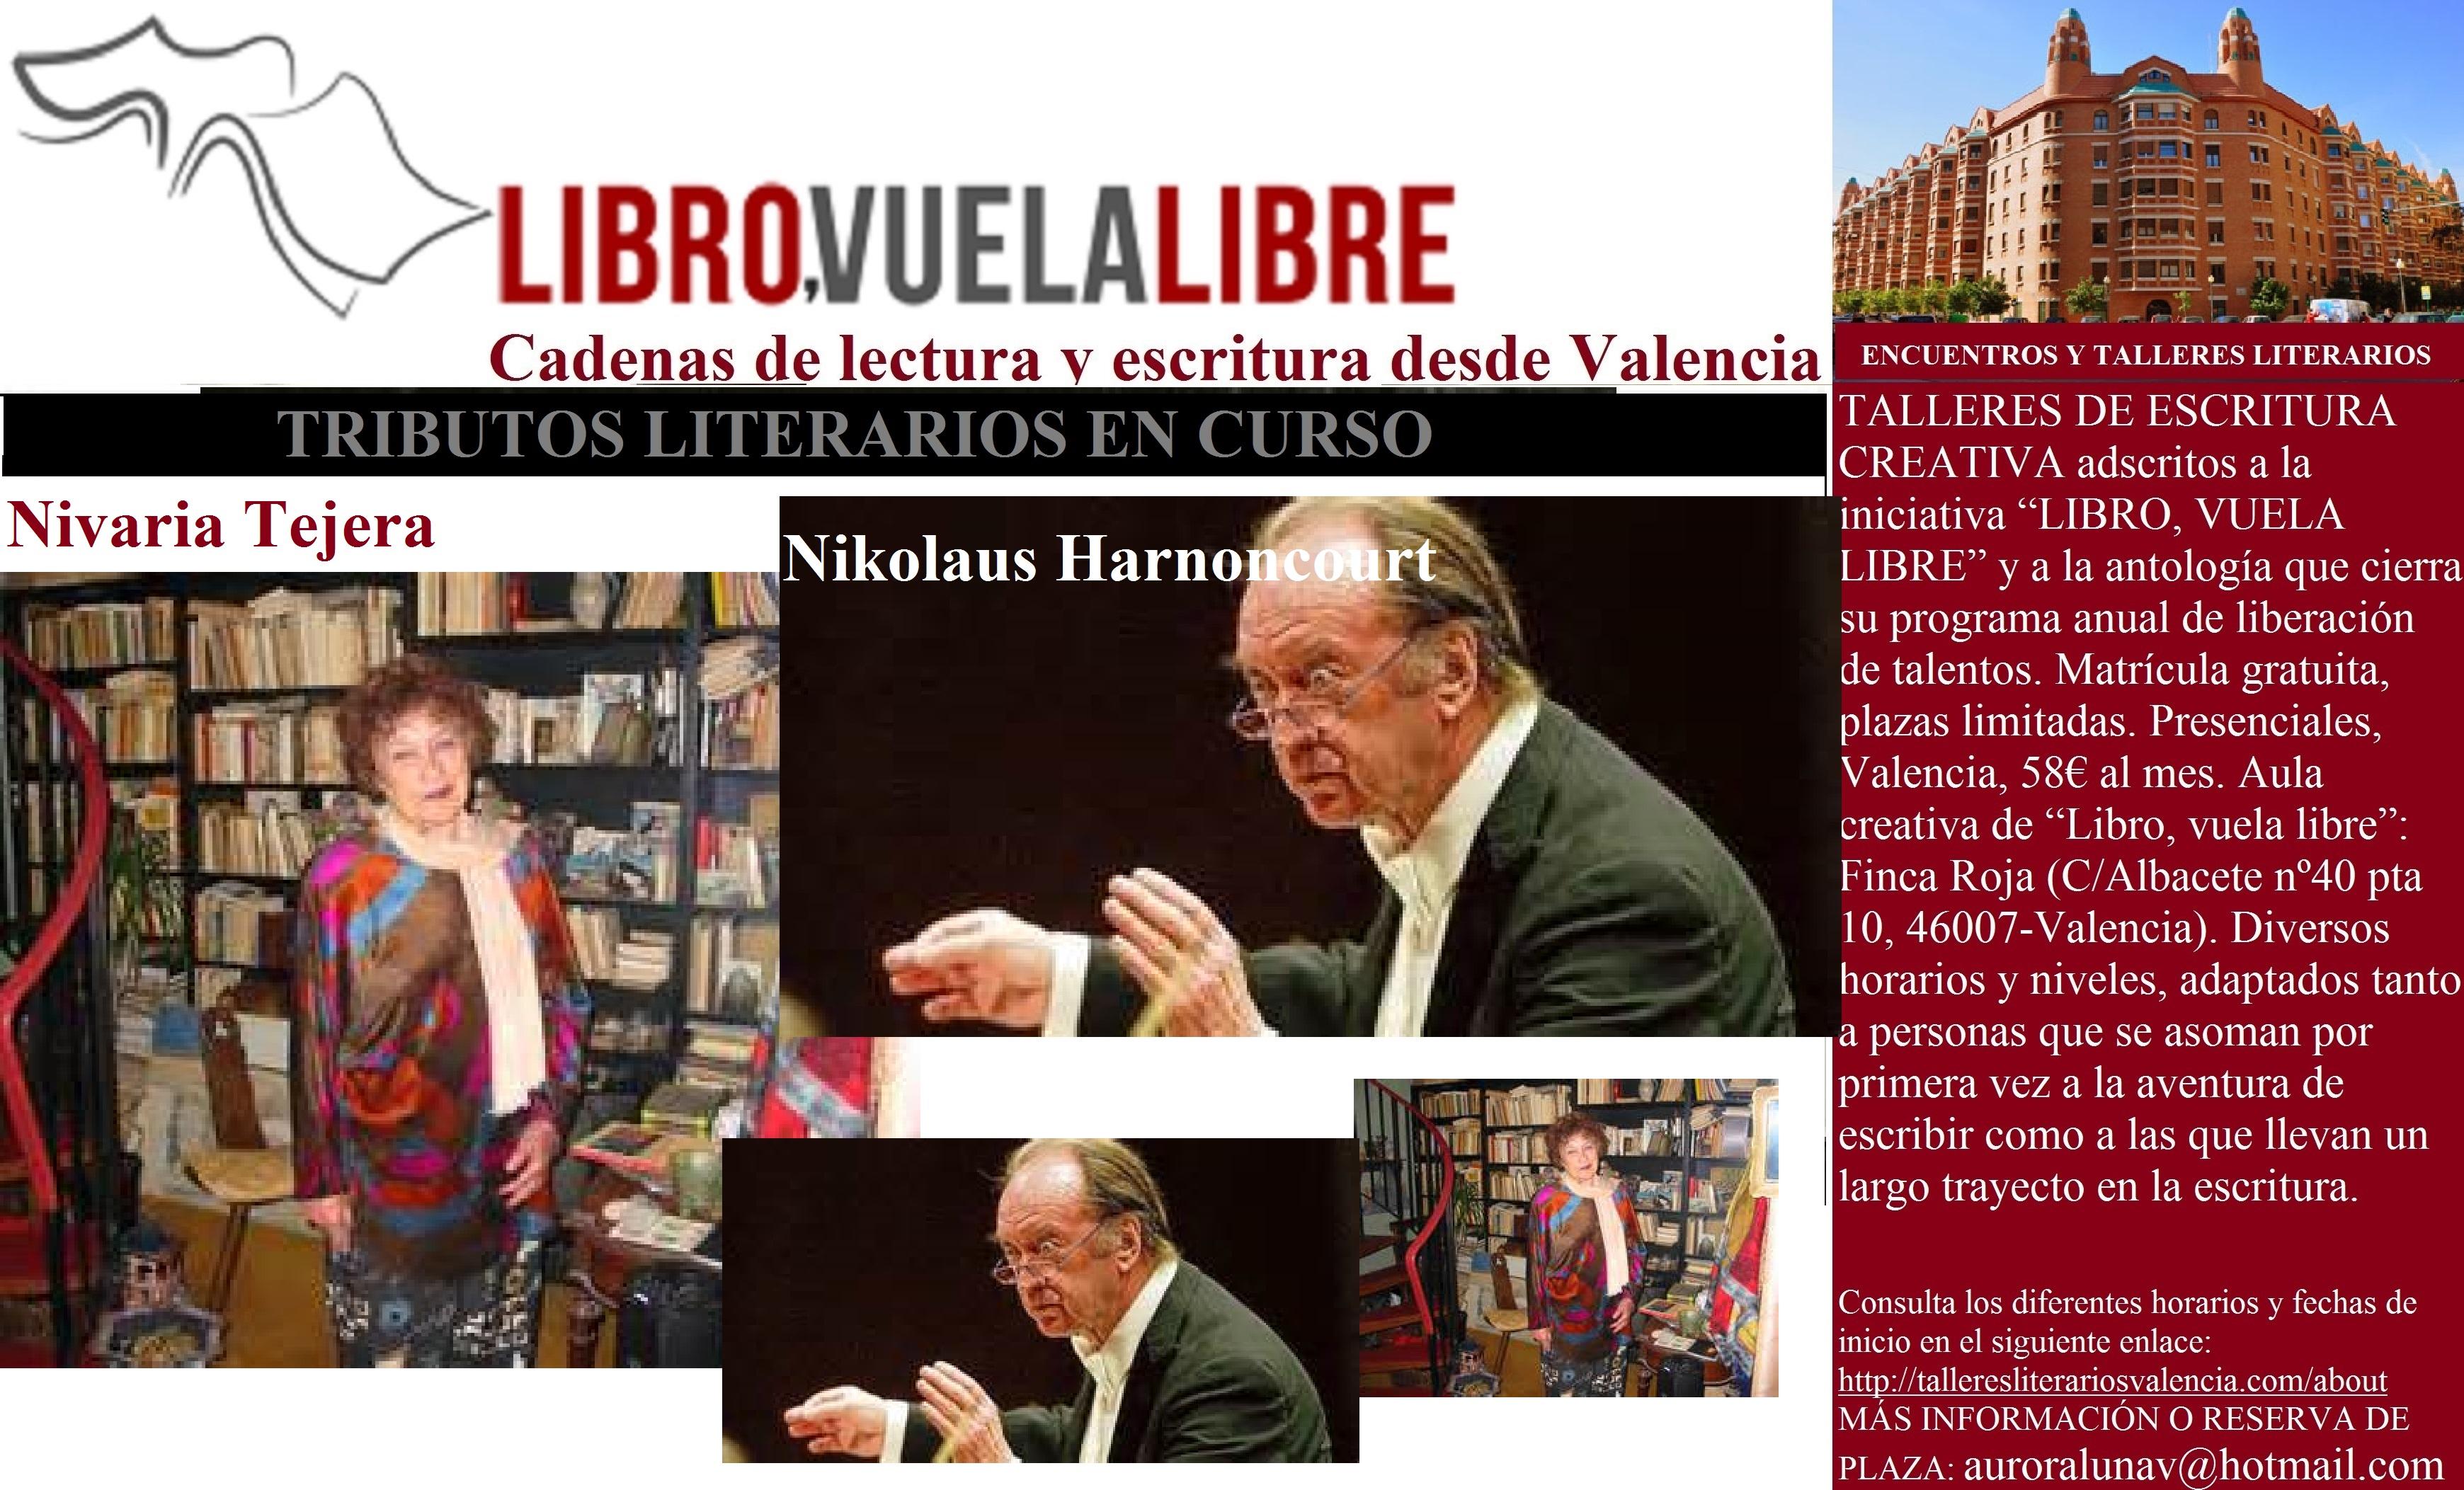 Cursos y talleres de escritura en Valencia. ENCUENTROS LITERARIOS DE LAS CLAVES 77 Y 78